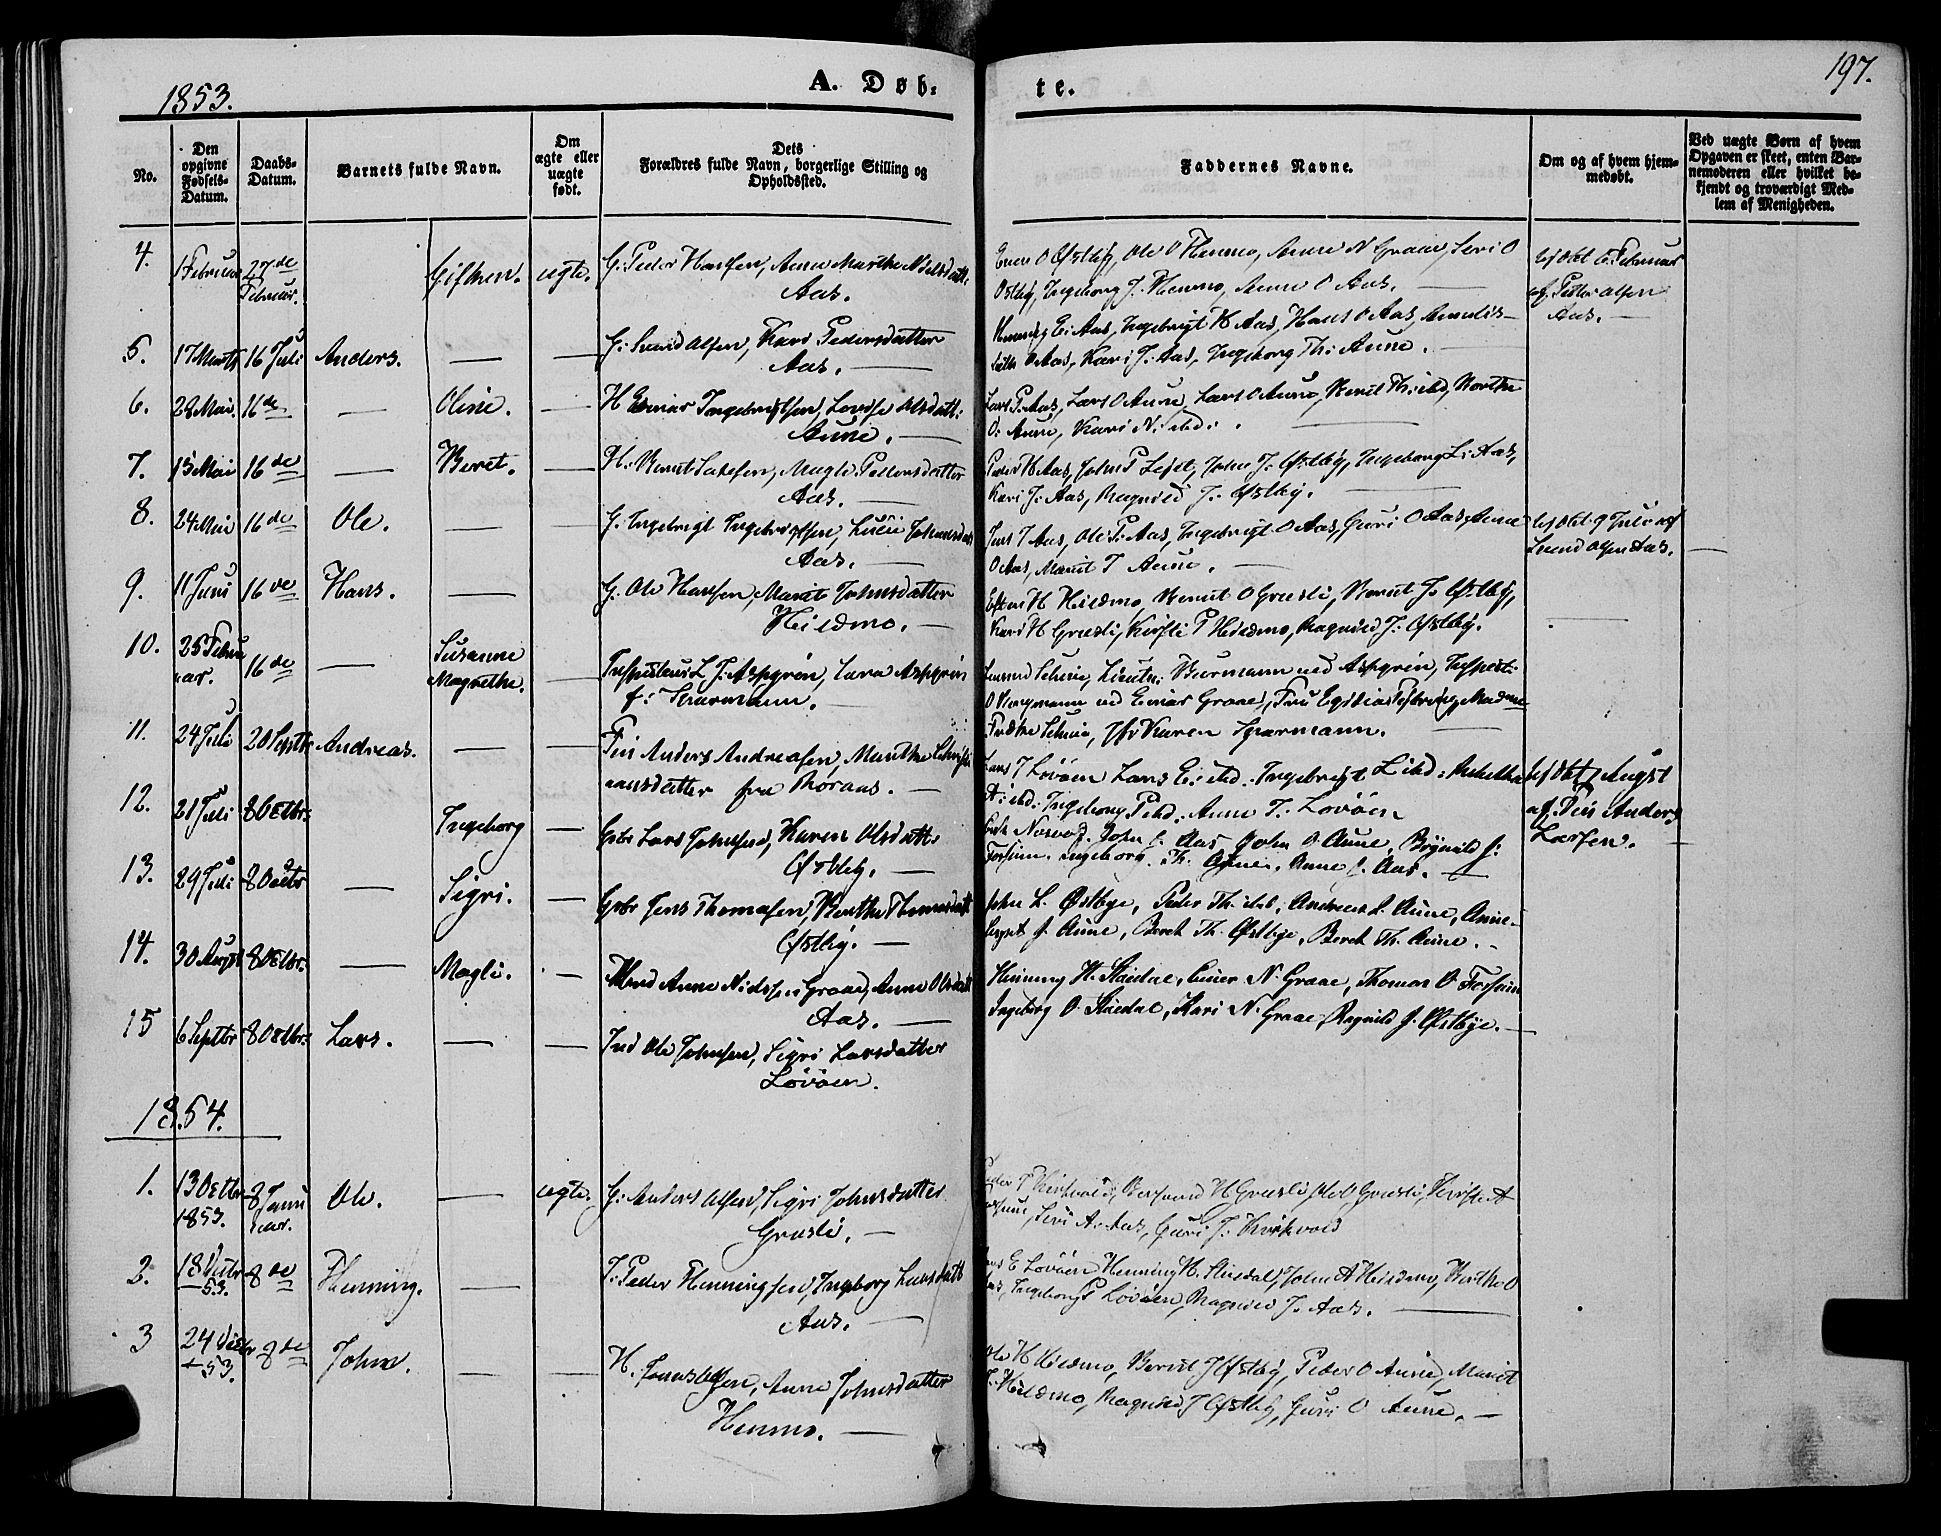 SAT, Ministerialprotokoller, klokkerbøker og fødselsregistre - Sør-Trøndelag, 695/L1146: Ministerialbok nr. 695A06 /2, 1843-1859, s. 197